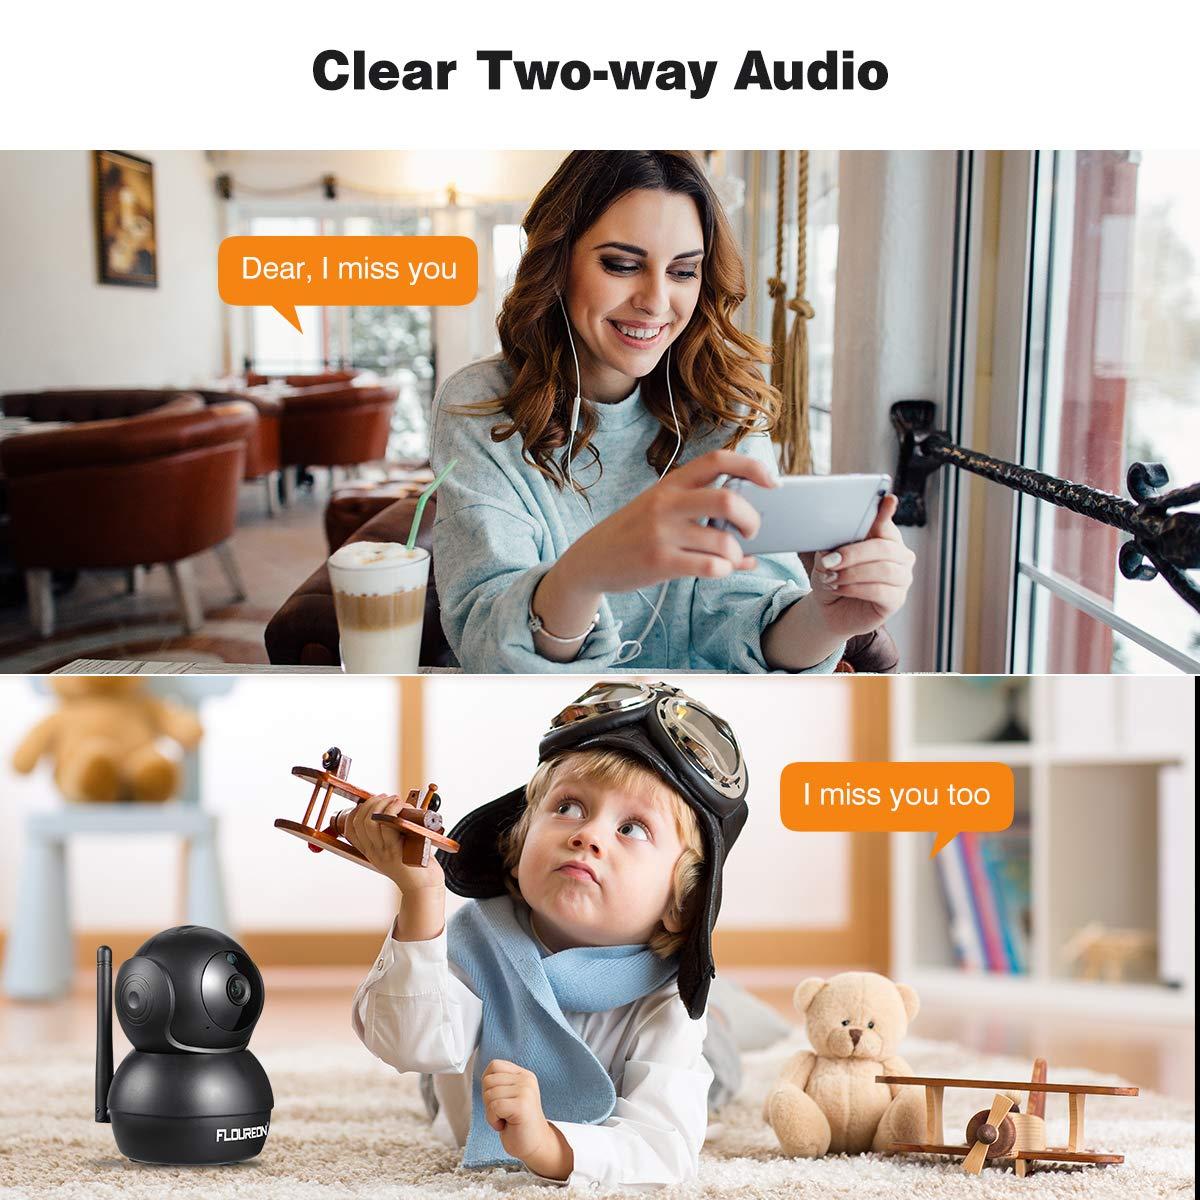 IP C/ámara de Seguridad para el hogar Inal/ámbrica Detecci/ón de Movimiento Humano FLOUREON HD 1080P C/ámara WiFi Pan//Tilt Vigilancia CCTV Audio Bidireccional Visi/ón Nocturna-Blanco